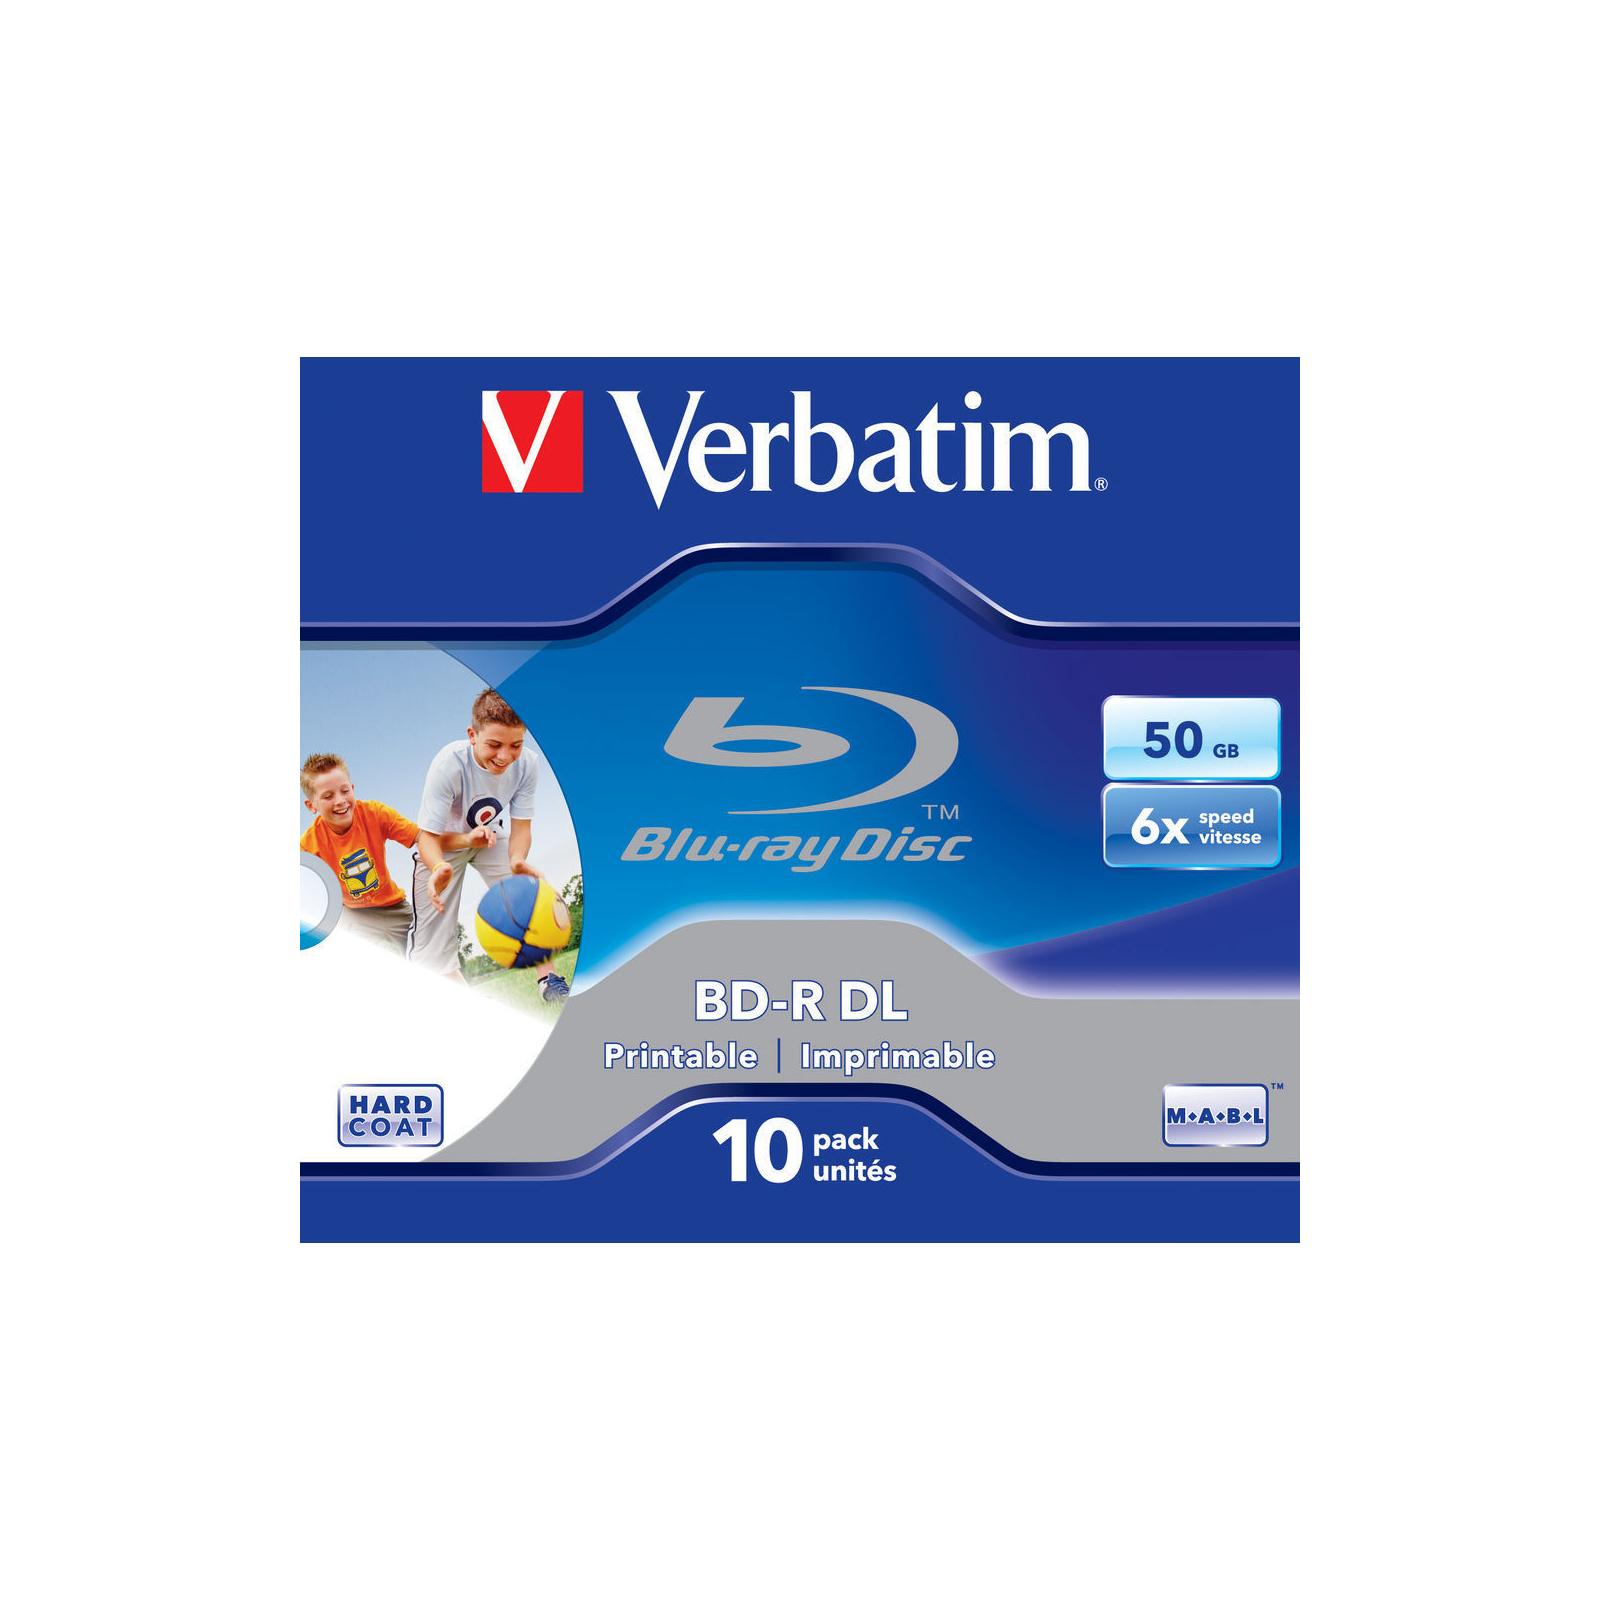 Диск BD Verbatim DL 50Gb 6x Jewel 10шт Wide Printabl (43736) изображение 2